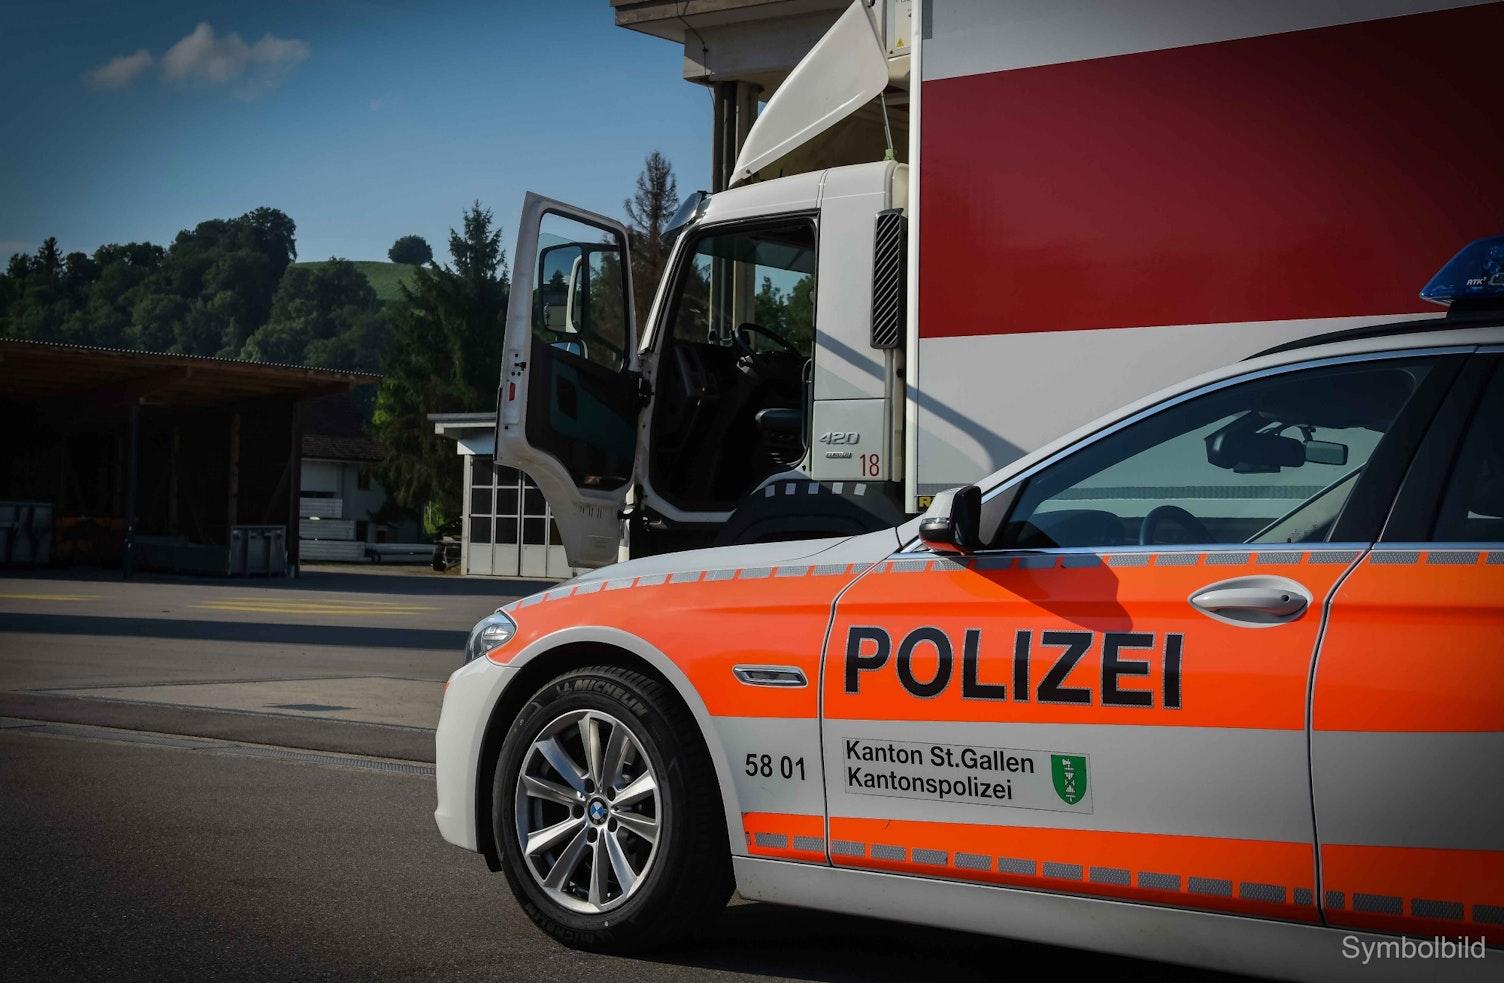 LKW Polizei